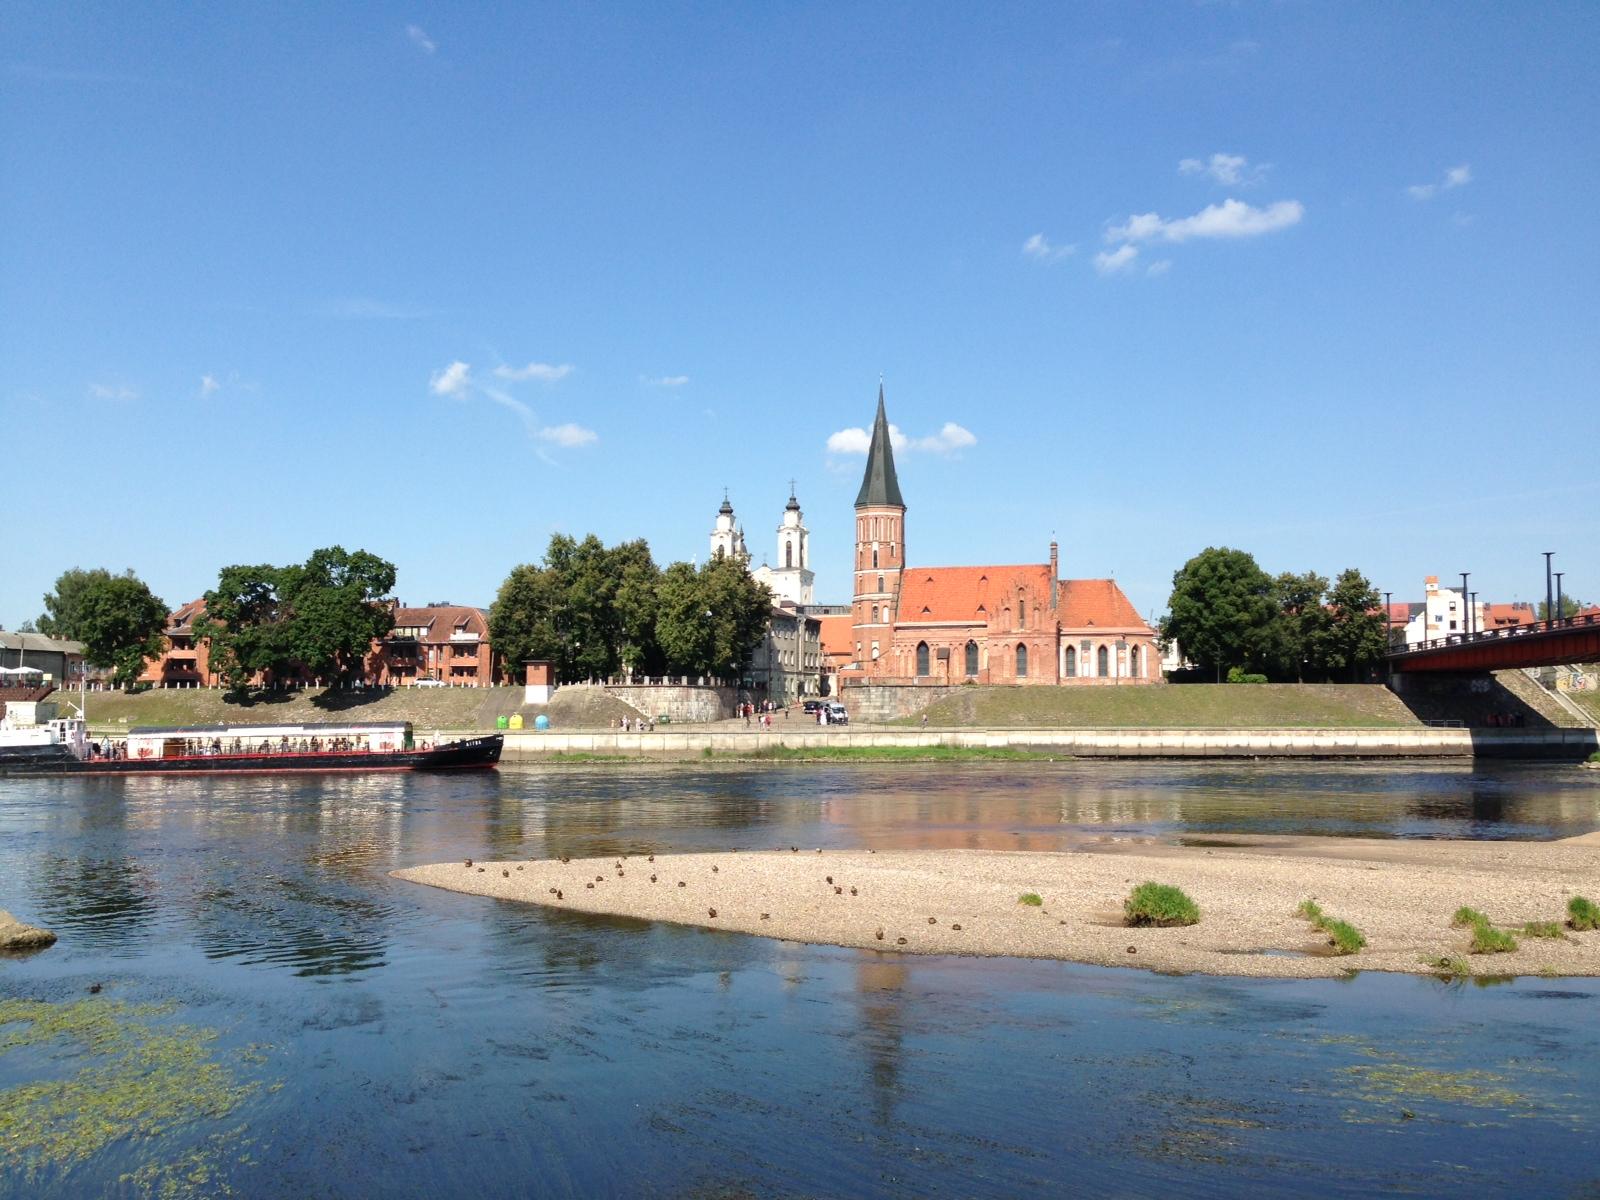 Keliones lietuvoje Kaunas senamiestis (2)